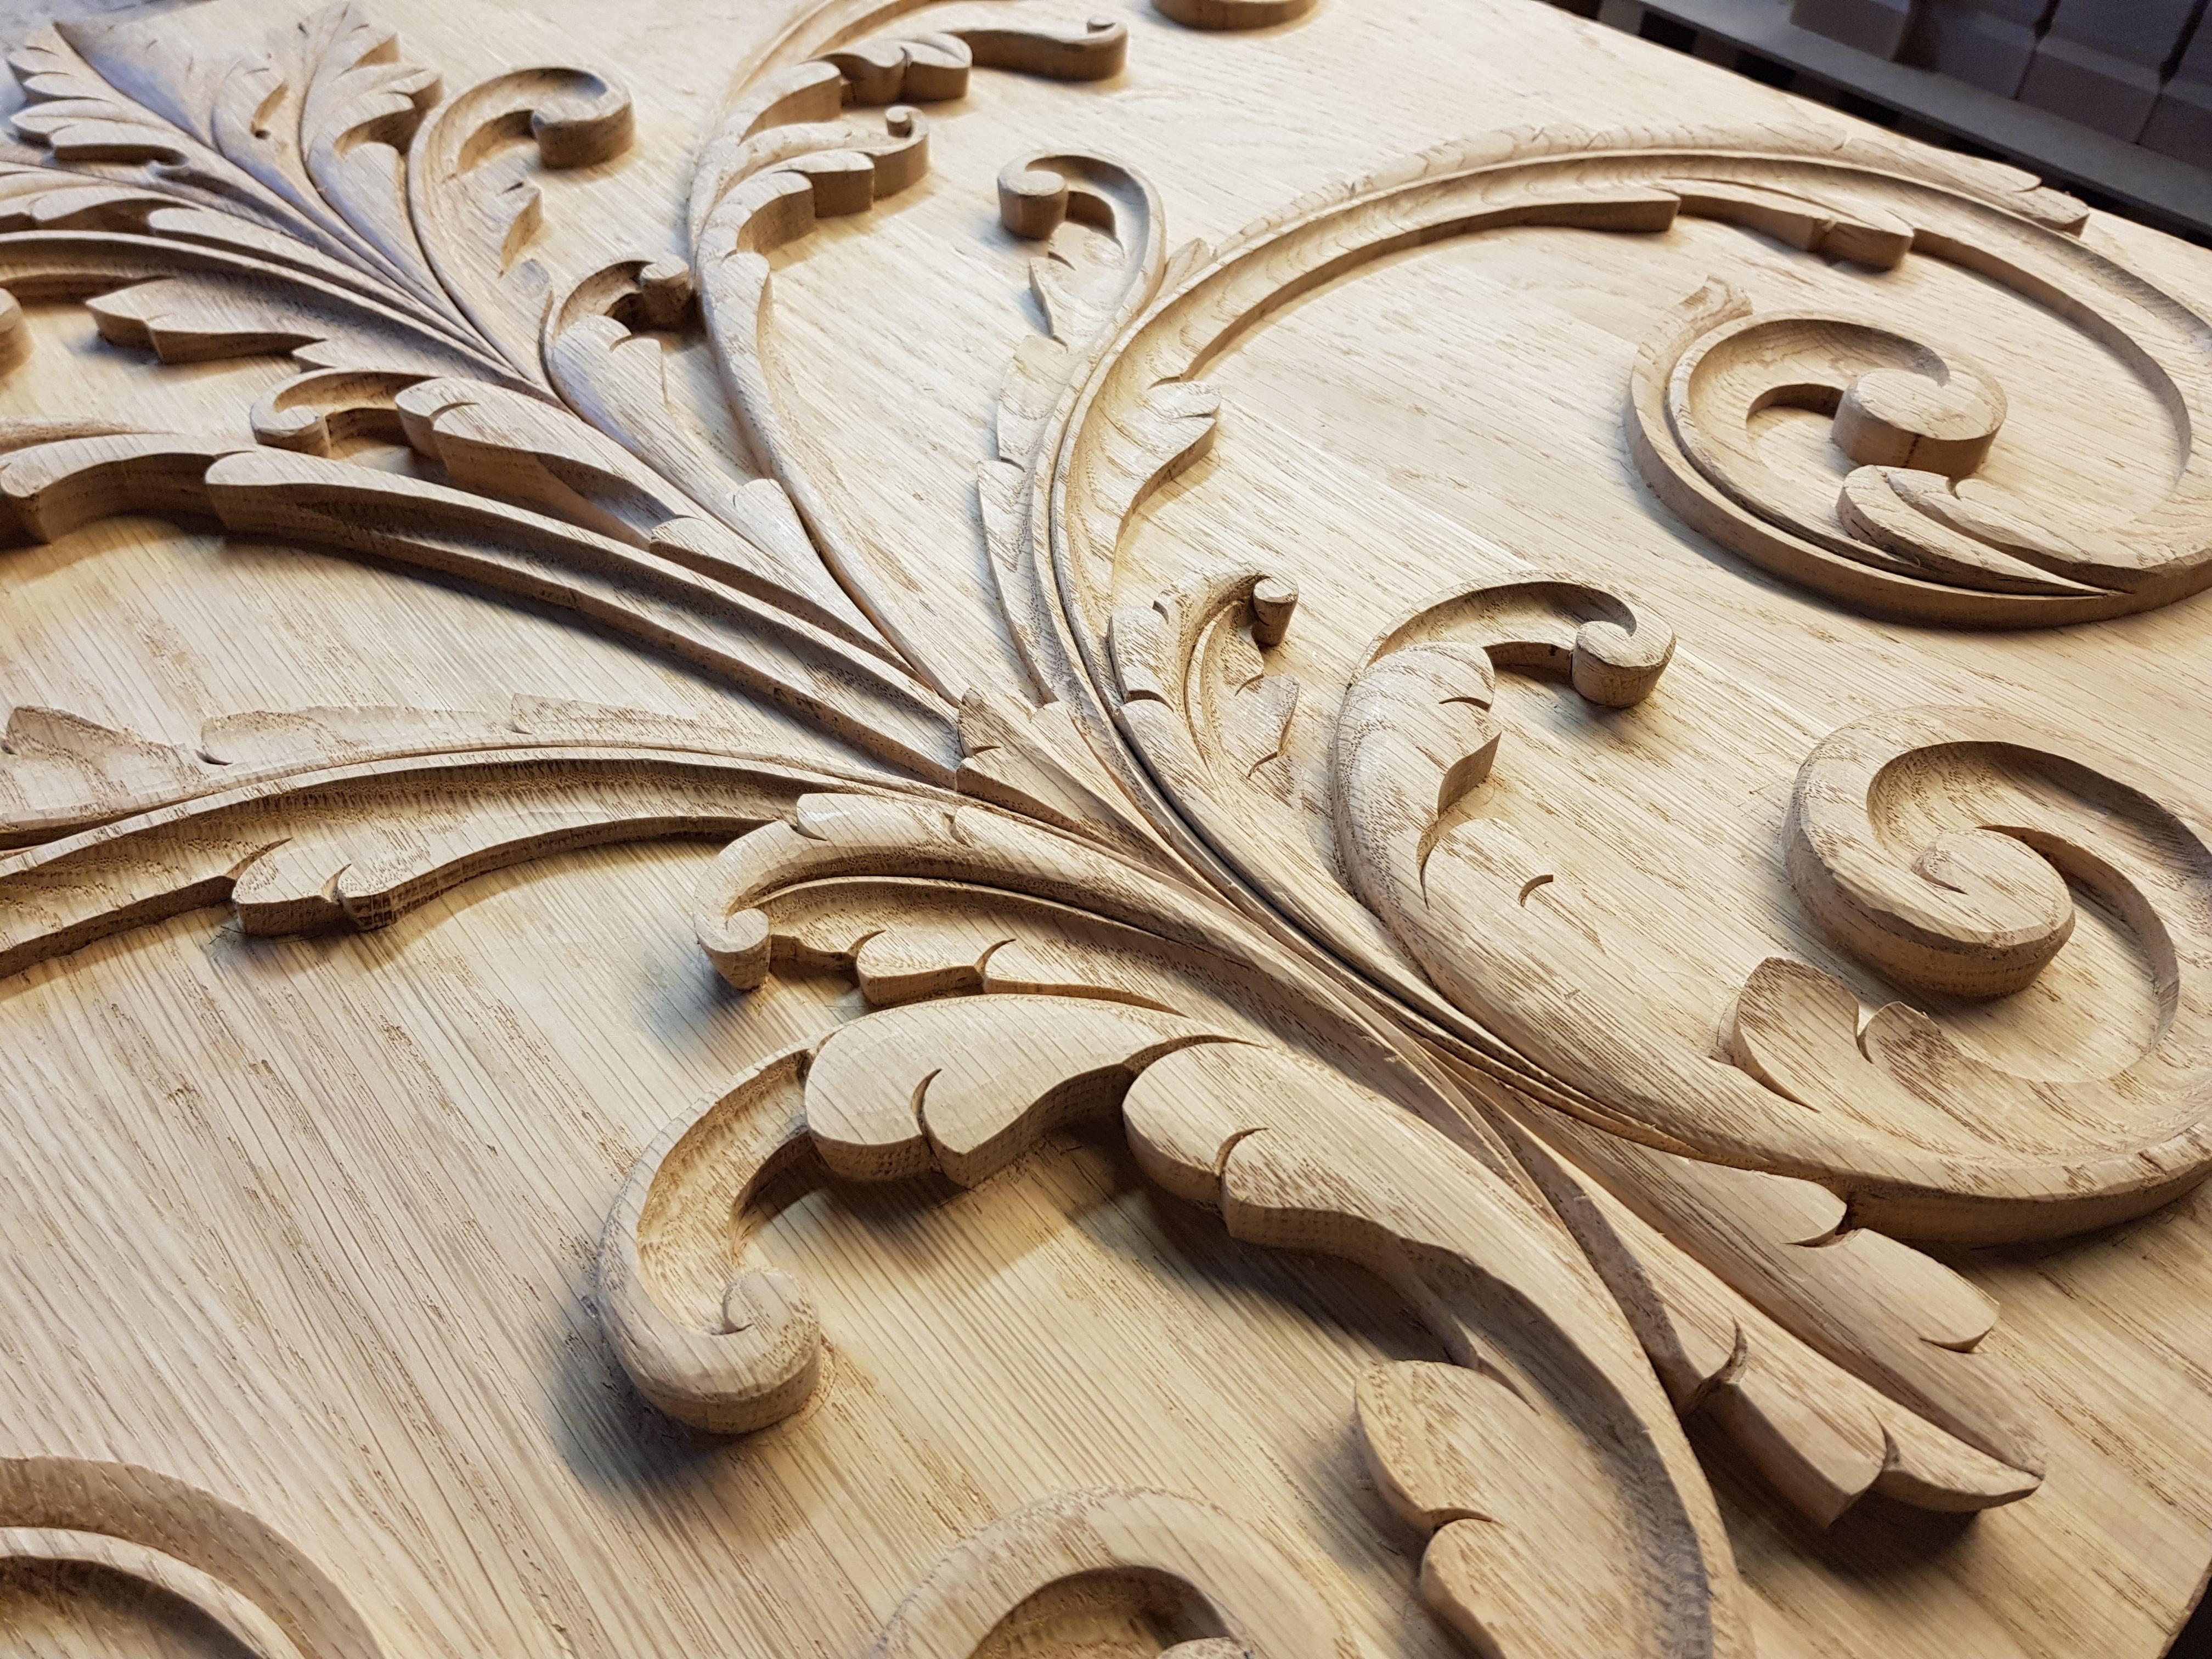 Wandpaneele und Wandvertäfelungen, Holzpanele